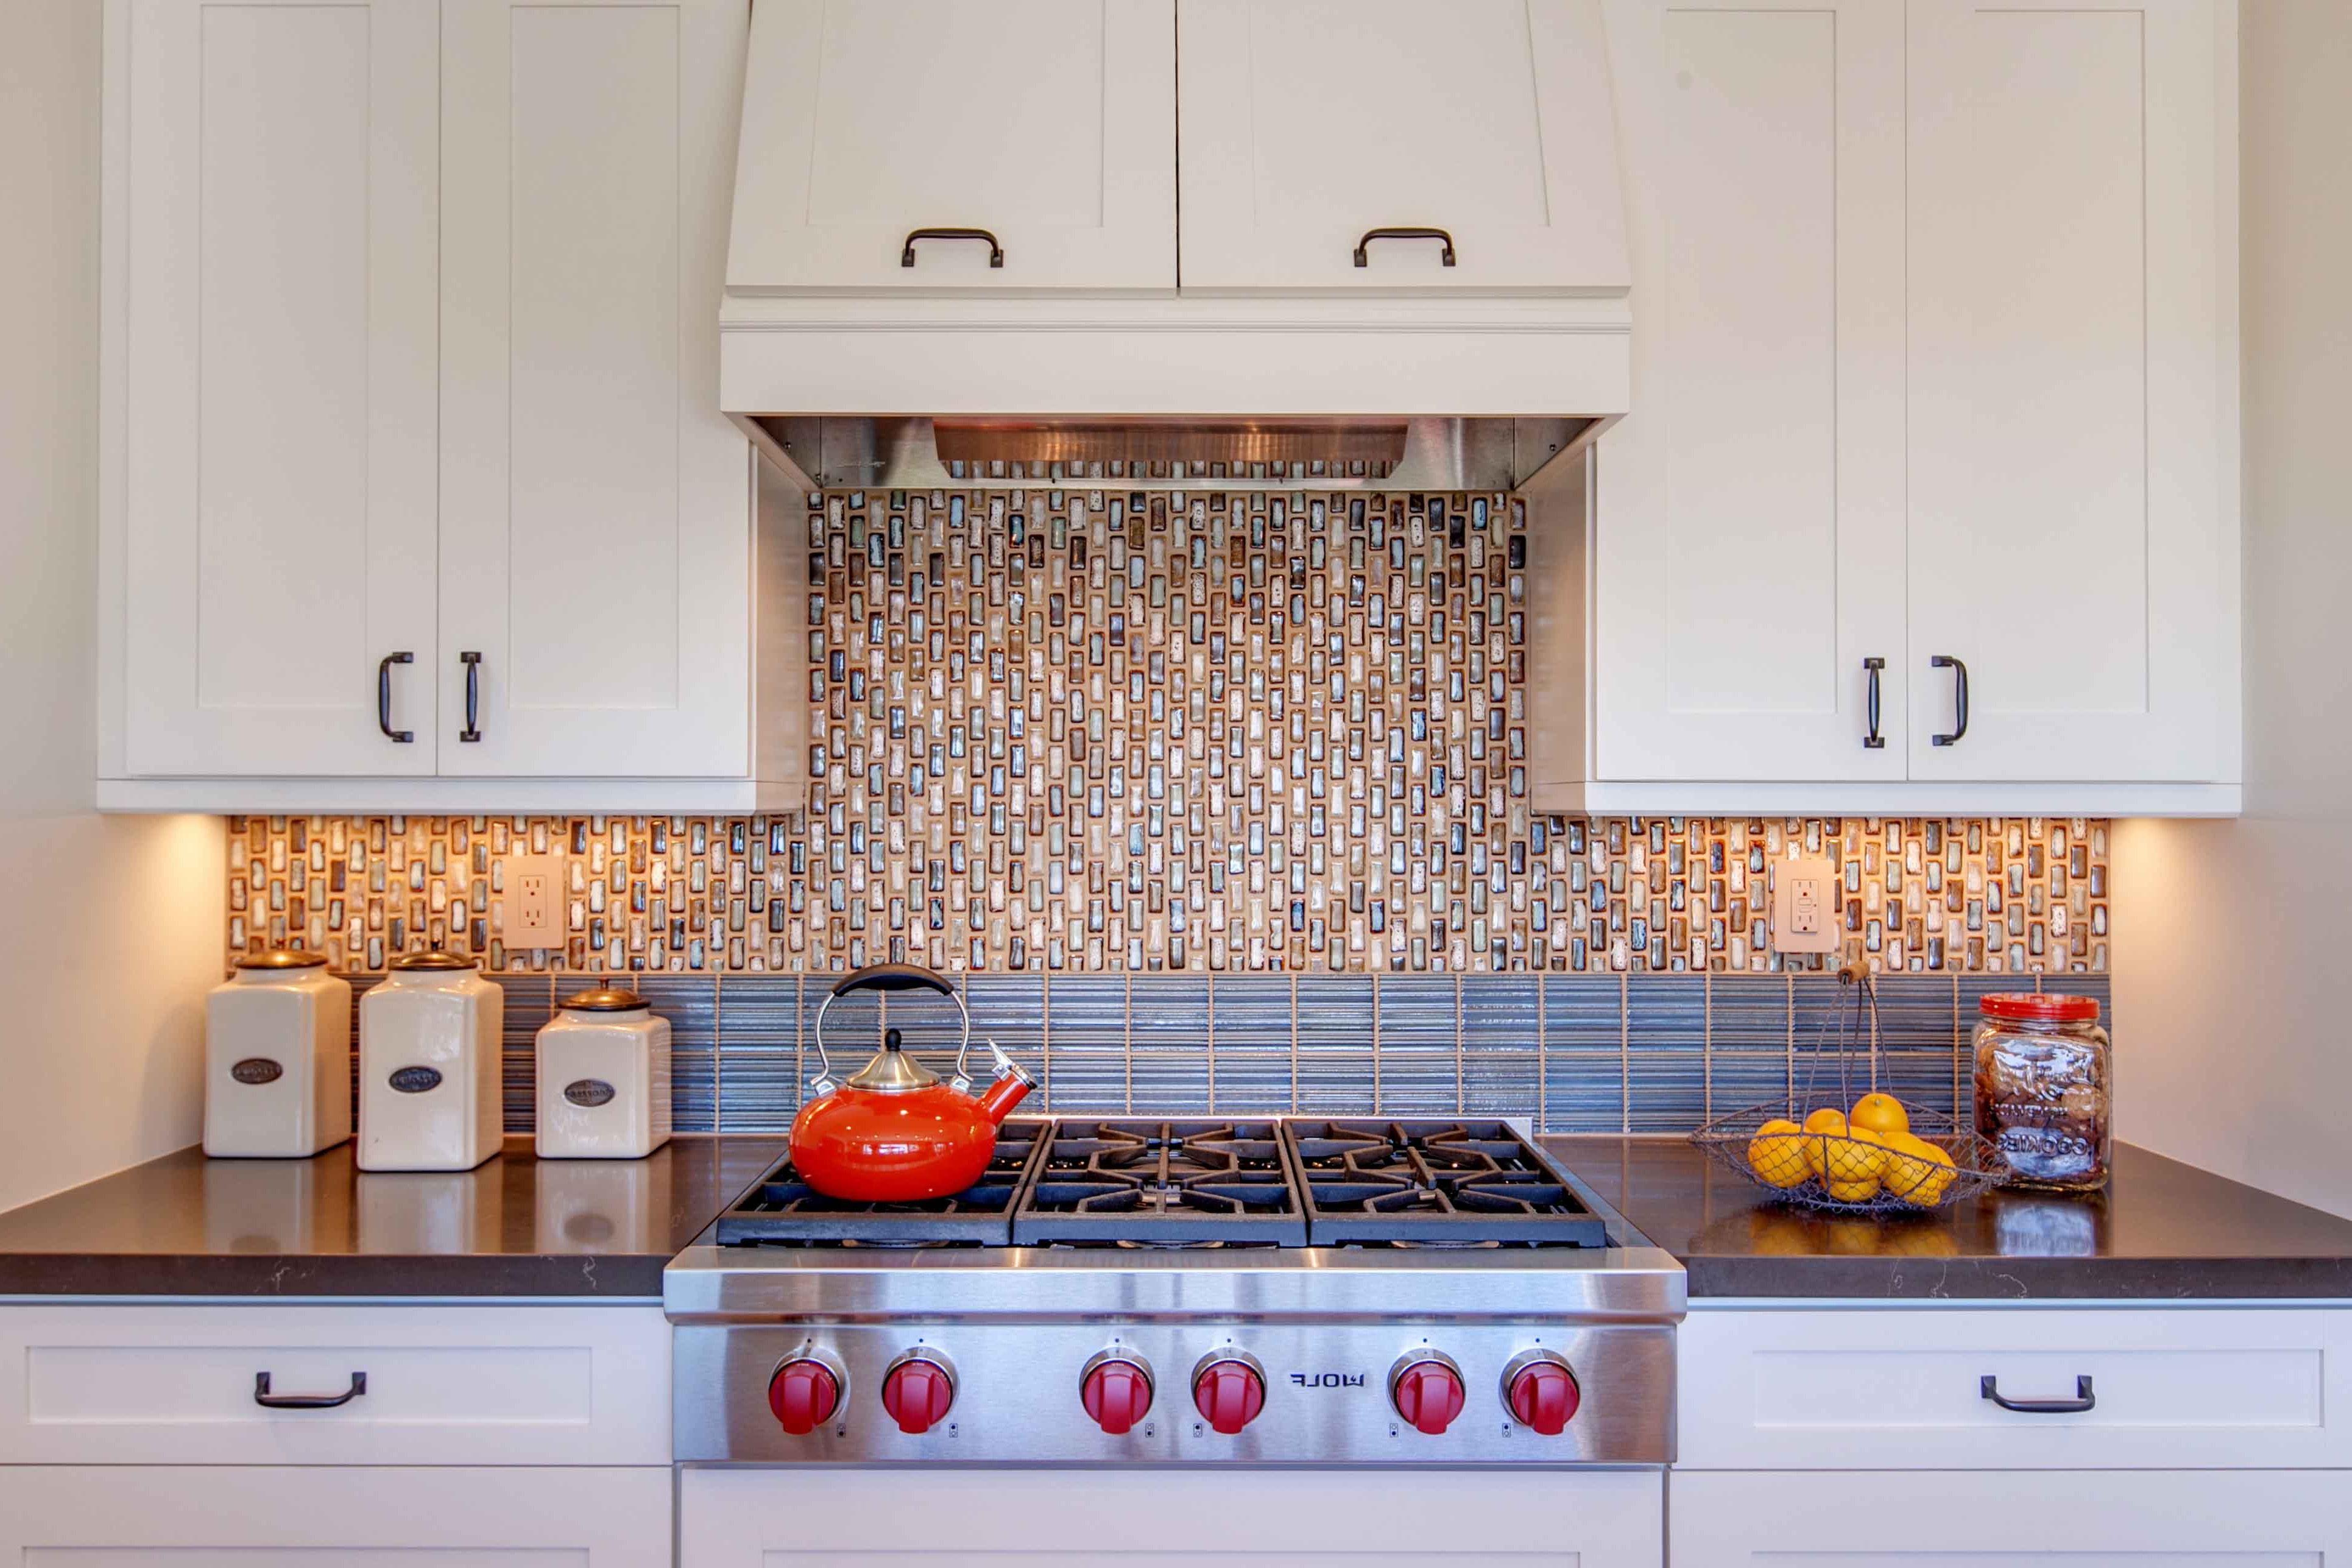 Benutzerdefinierte Senke Backsplash Ideen Für Ihre Neue Küche